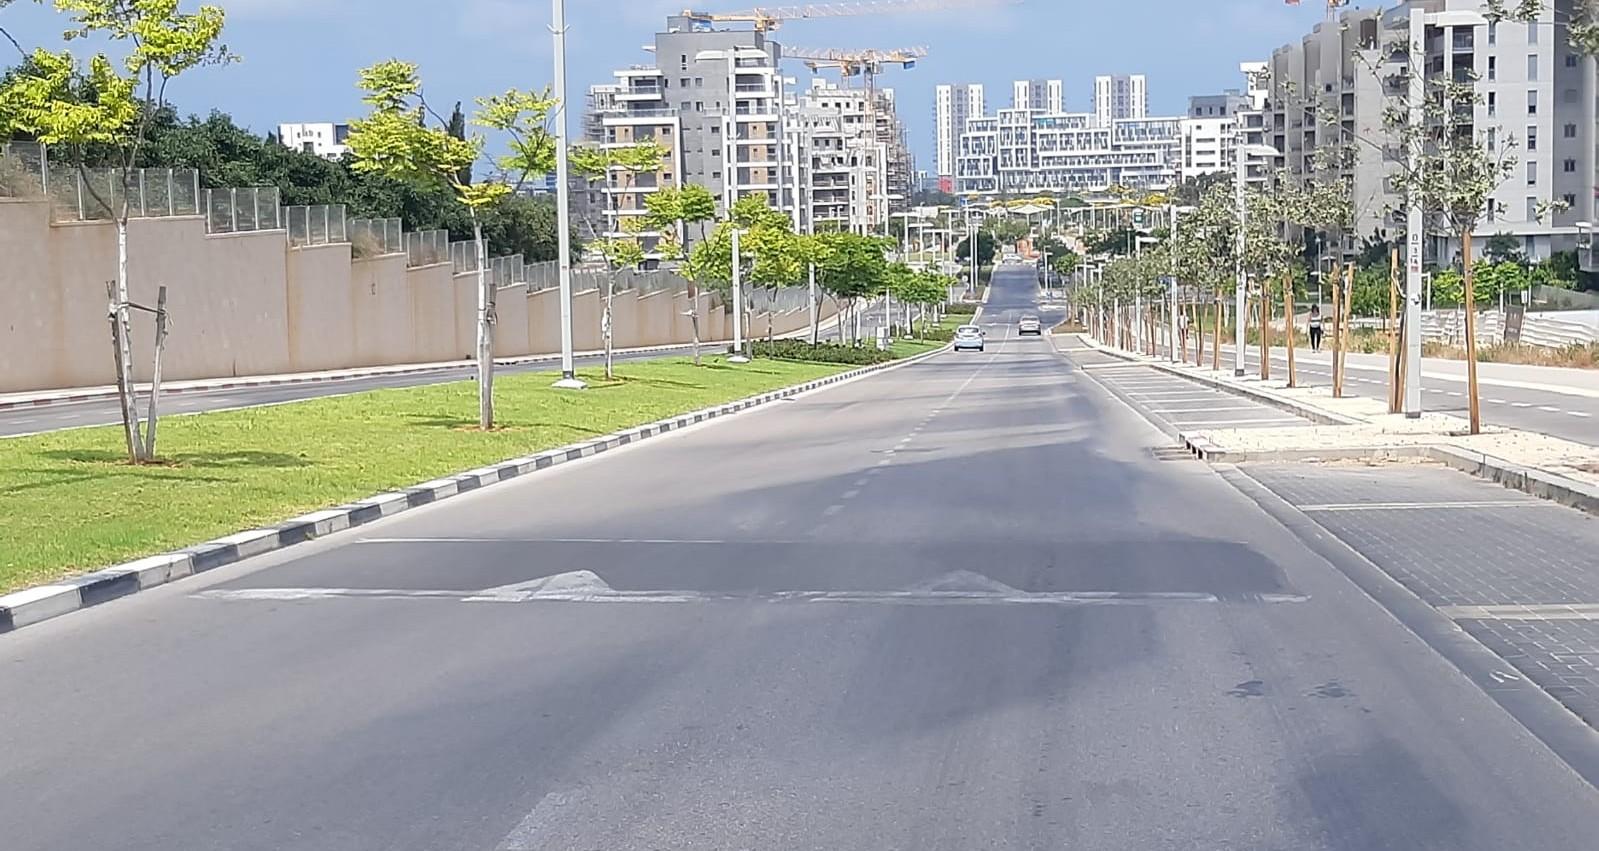 פס האטה בכביש המחבר בין שכונת גליל ים לשכונת נווה ישראל. בקושי נראה